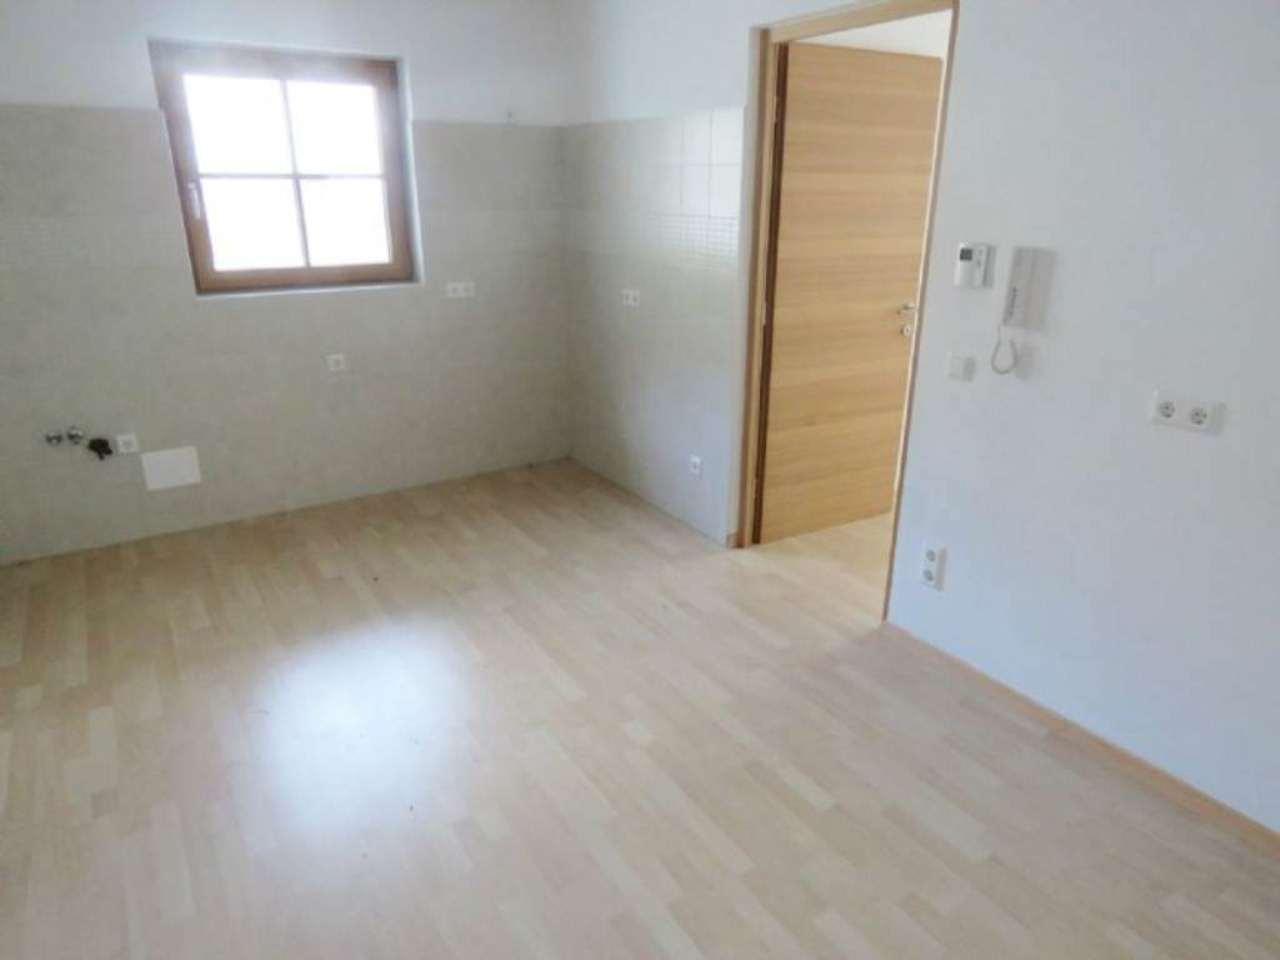 Appartamento in vendita a Malles Venosta, 2 locali, prezzo € 93.000 | Cambio Casa.it